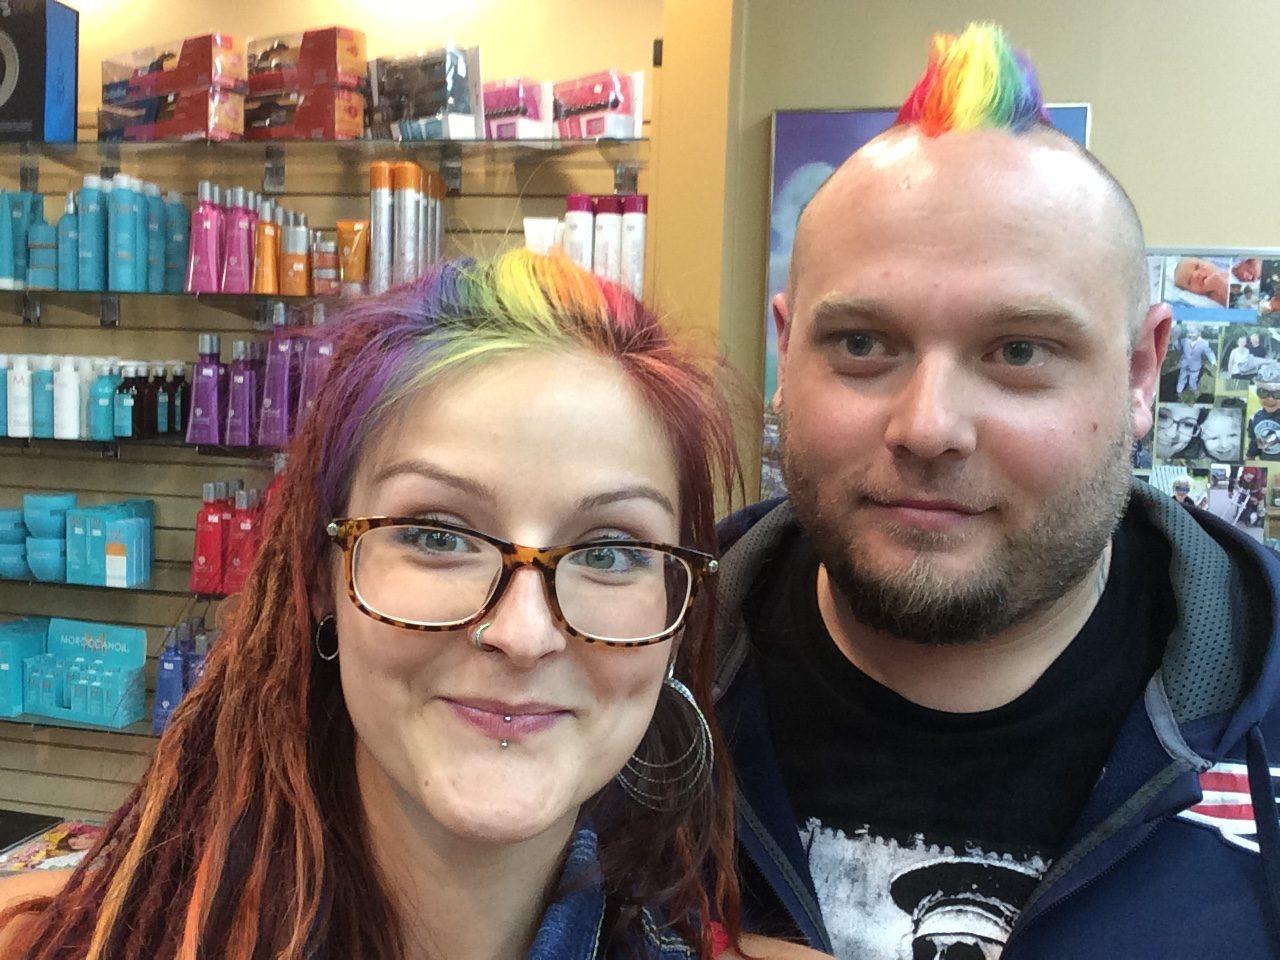 Couple with rainbow colour hair styles at Hairstyle Inn